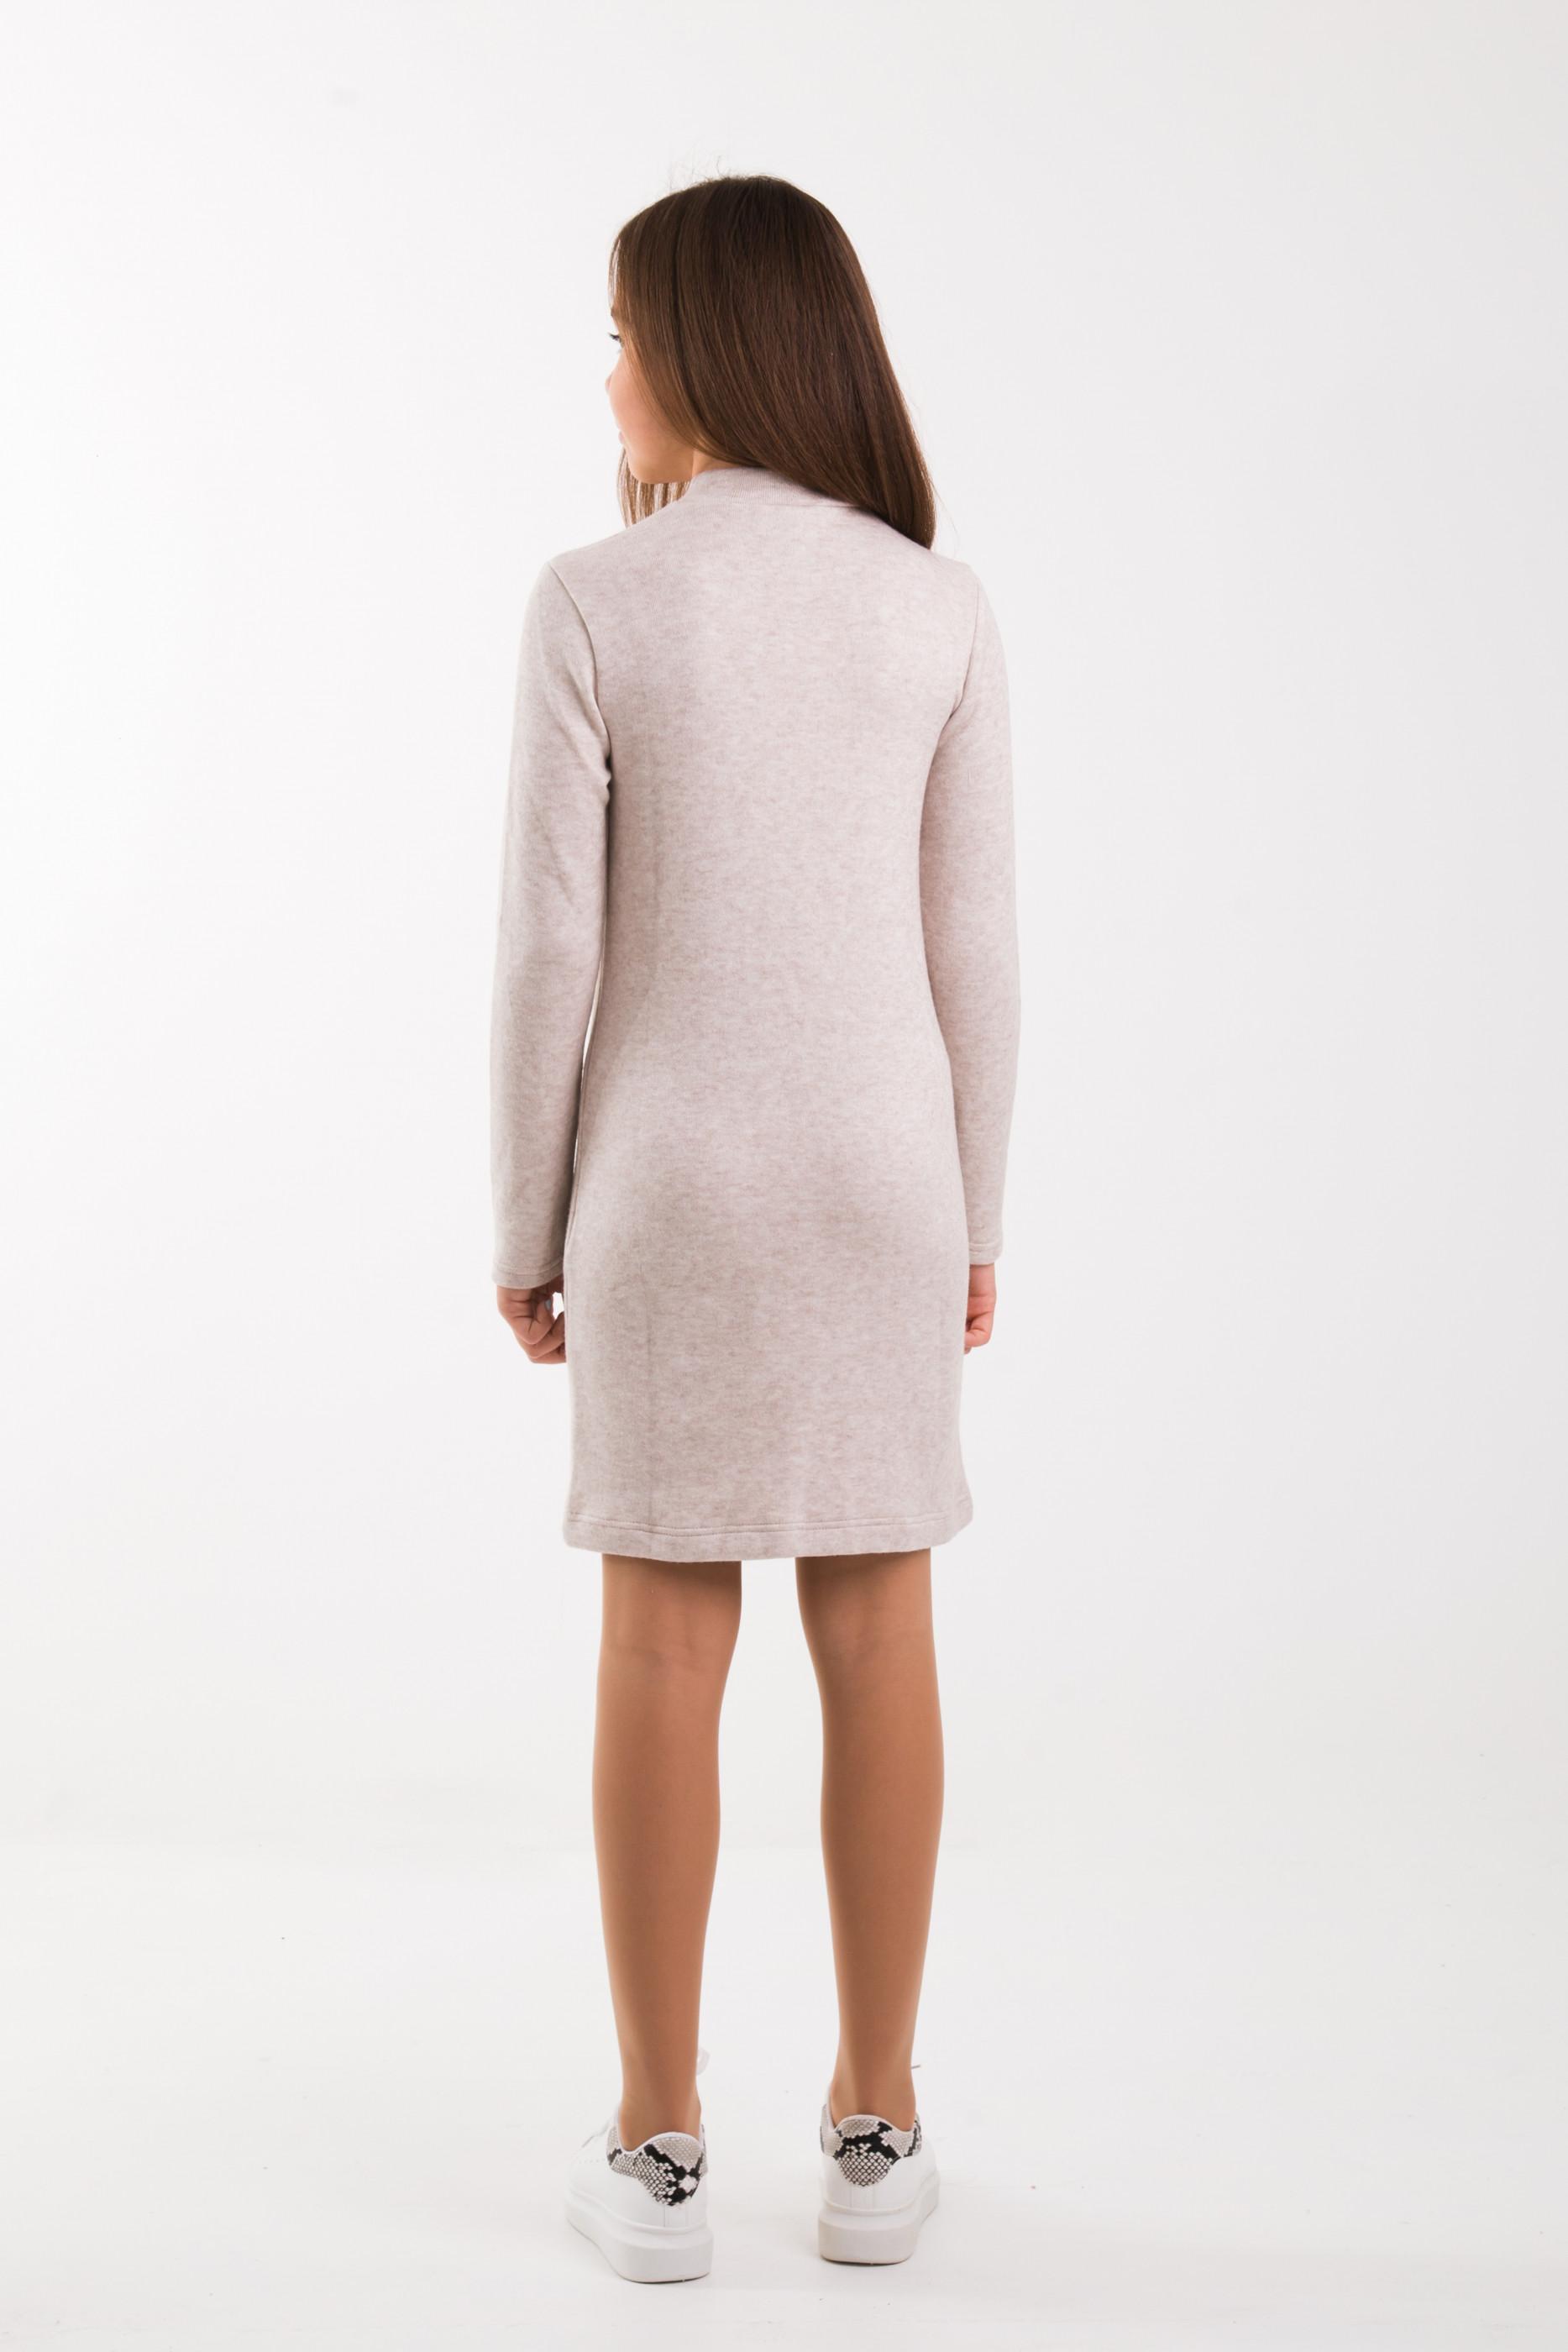 Плаття Блум, фото №3